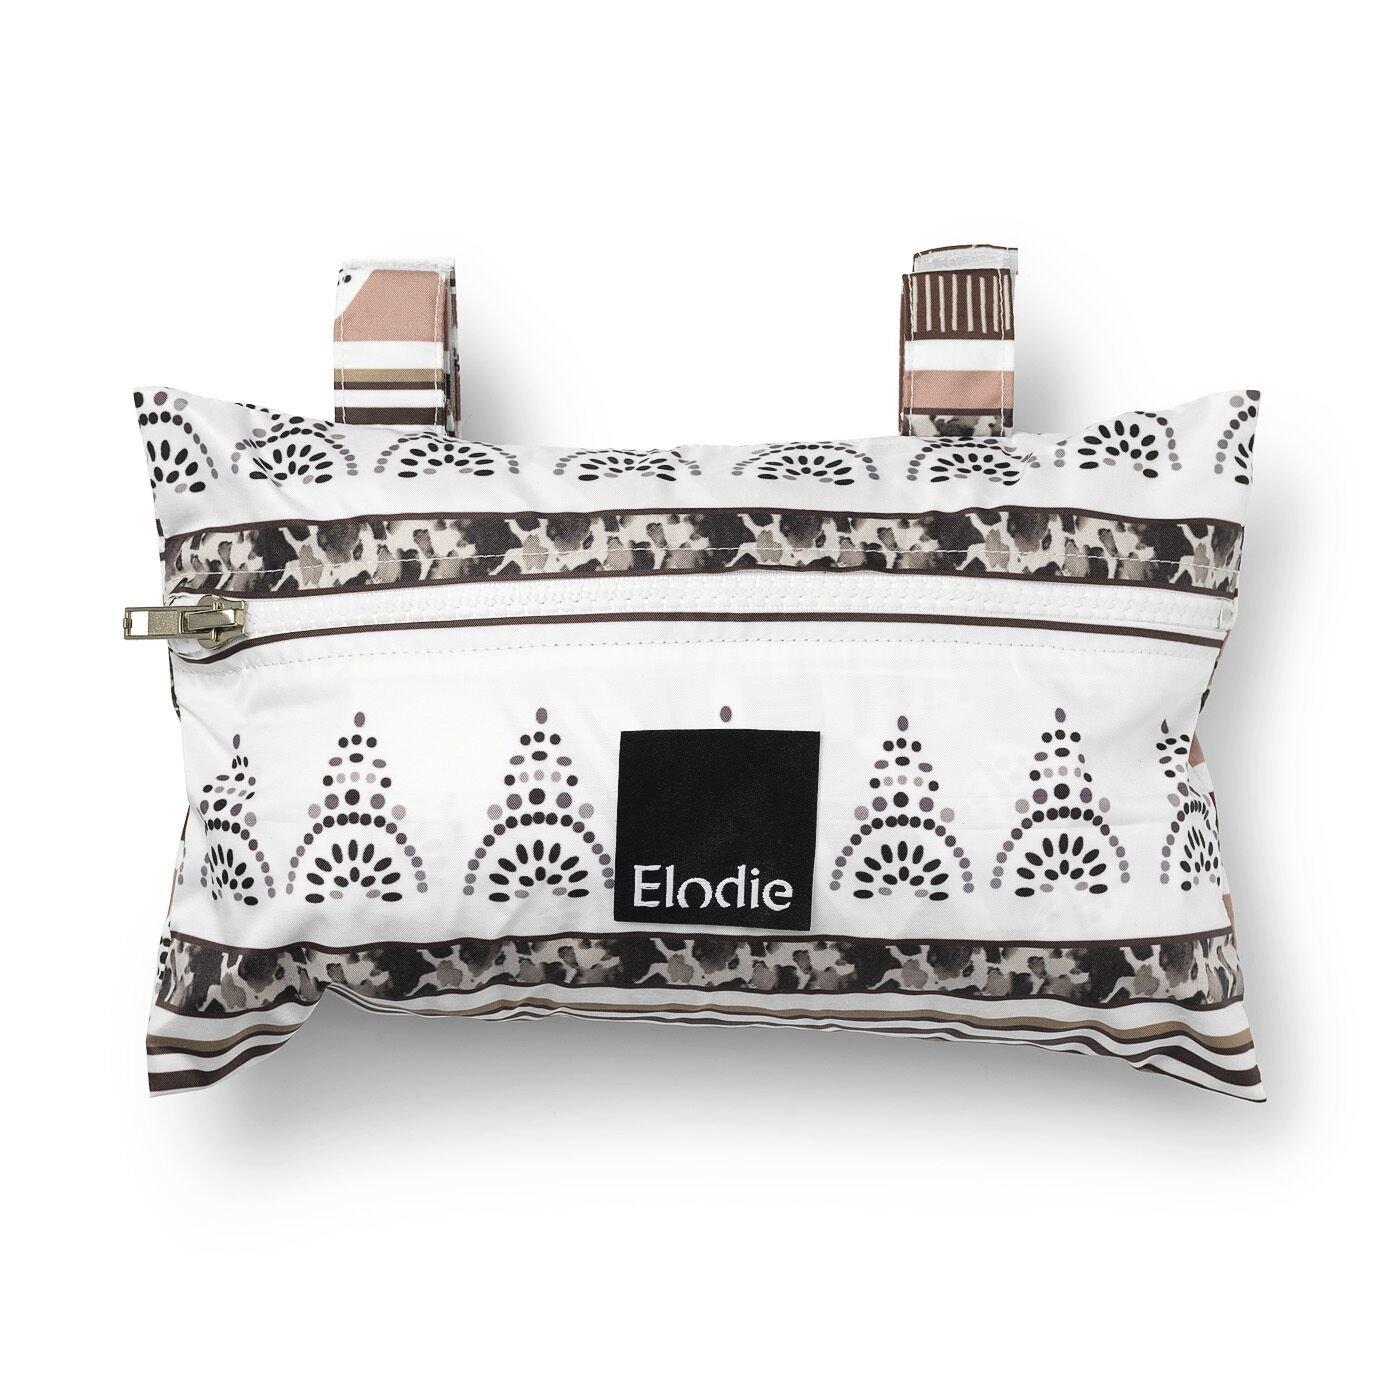 Elodie Details - Osłona przeciwdeszczowa - Desert Weaves